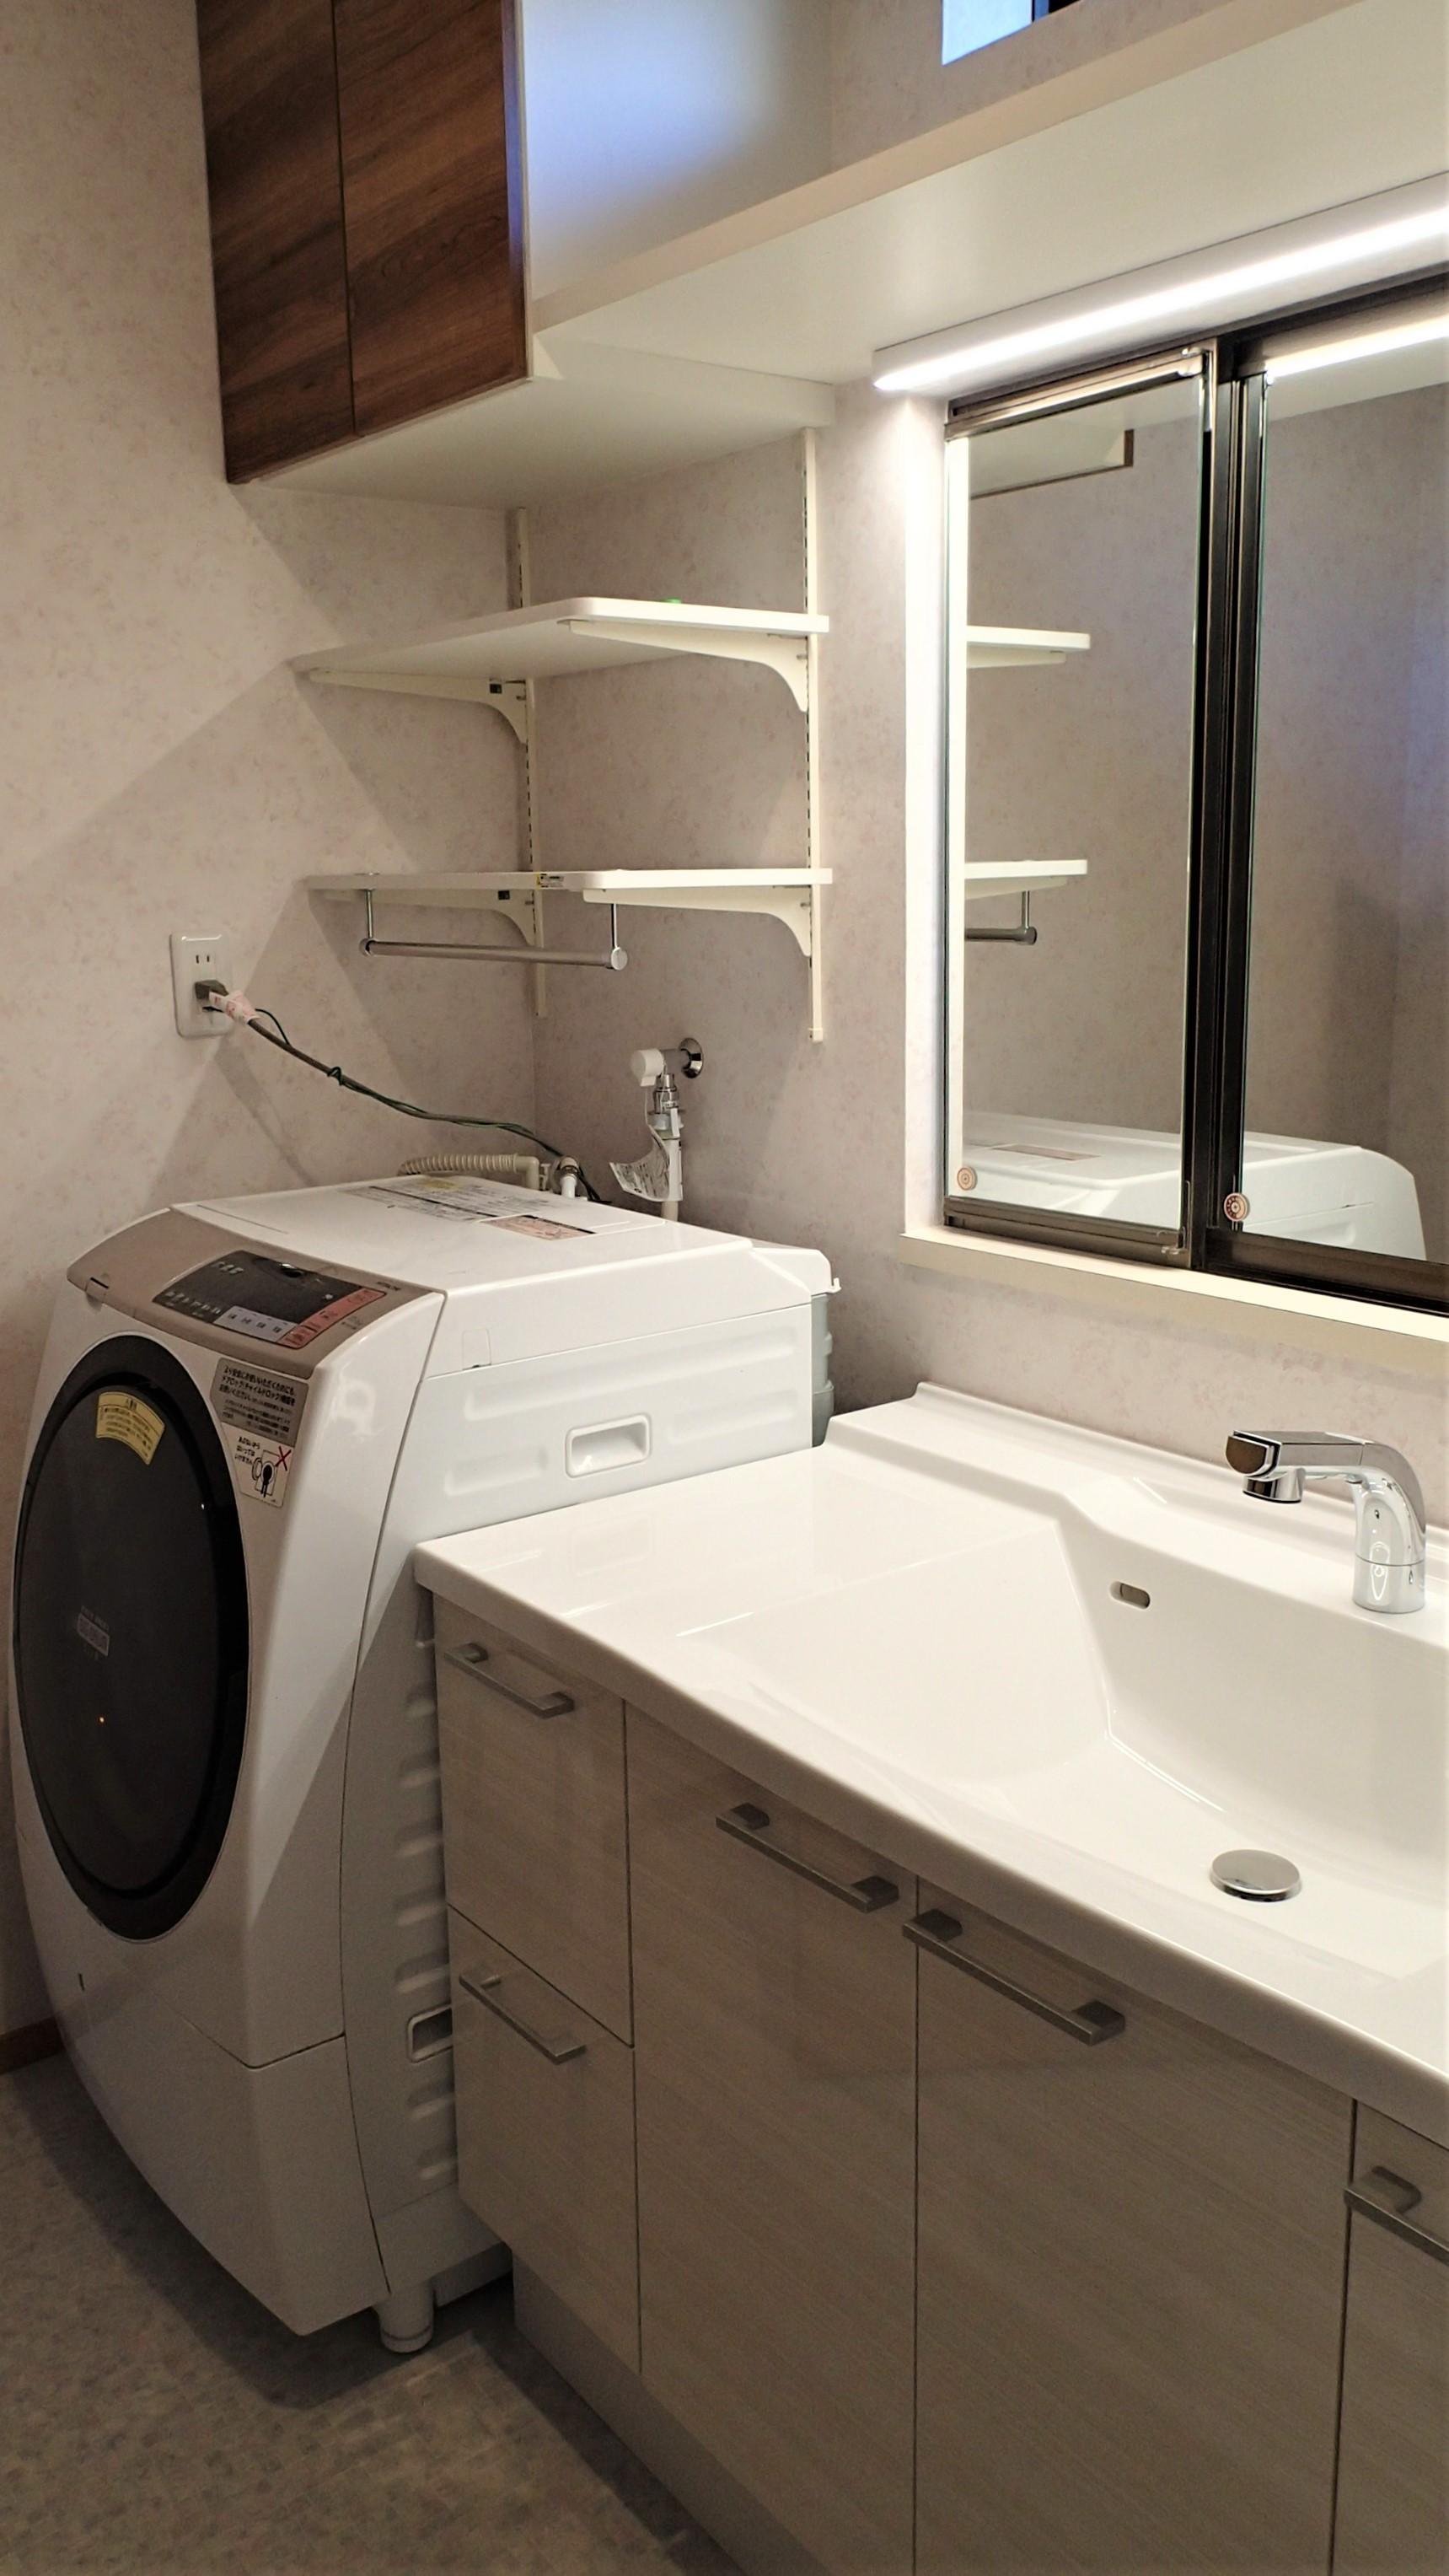 洗面化粧台の幅を小さくして横に洗濯機を設置できるように計画